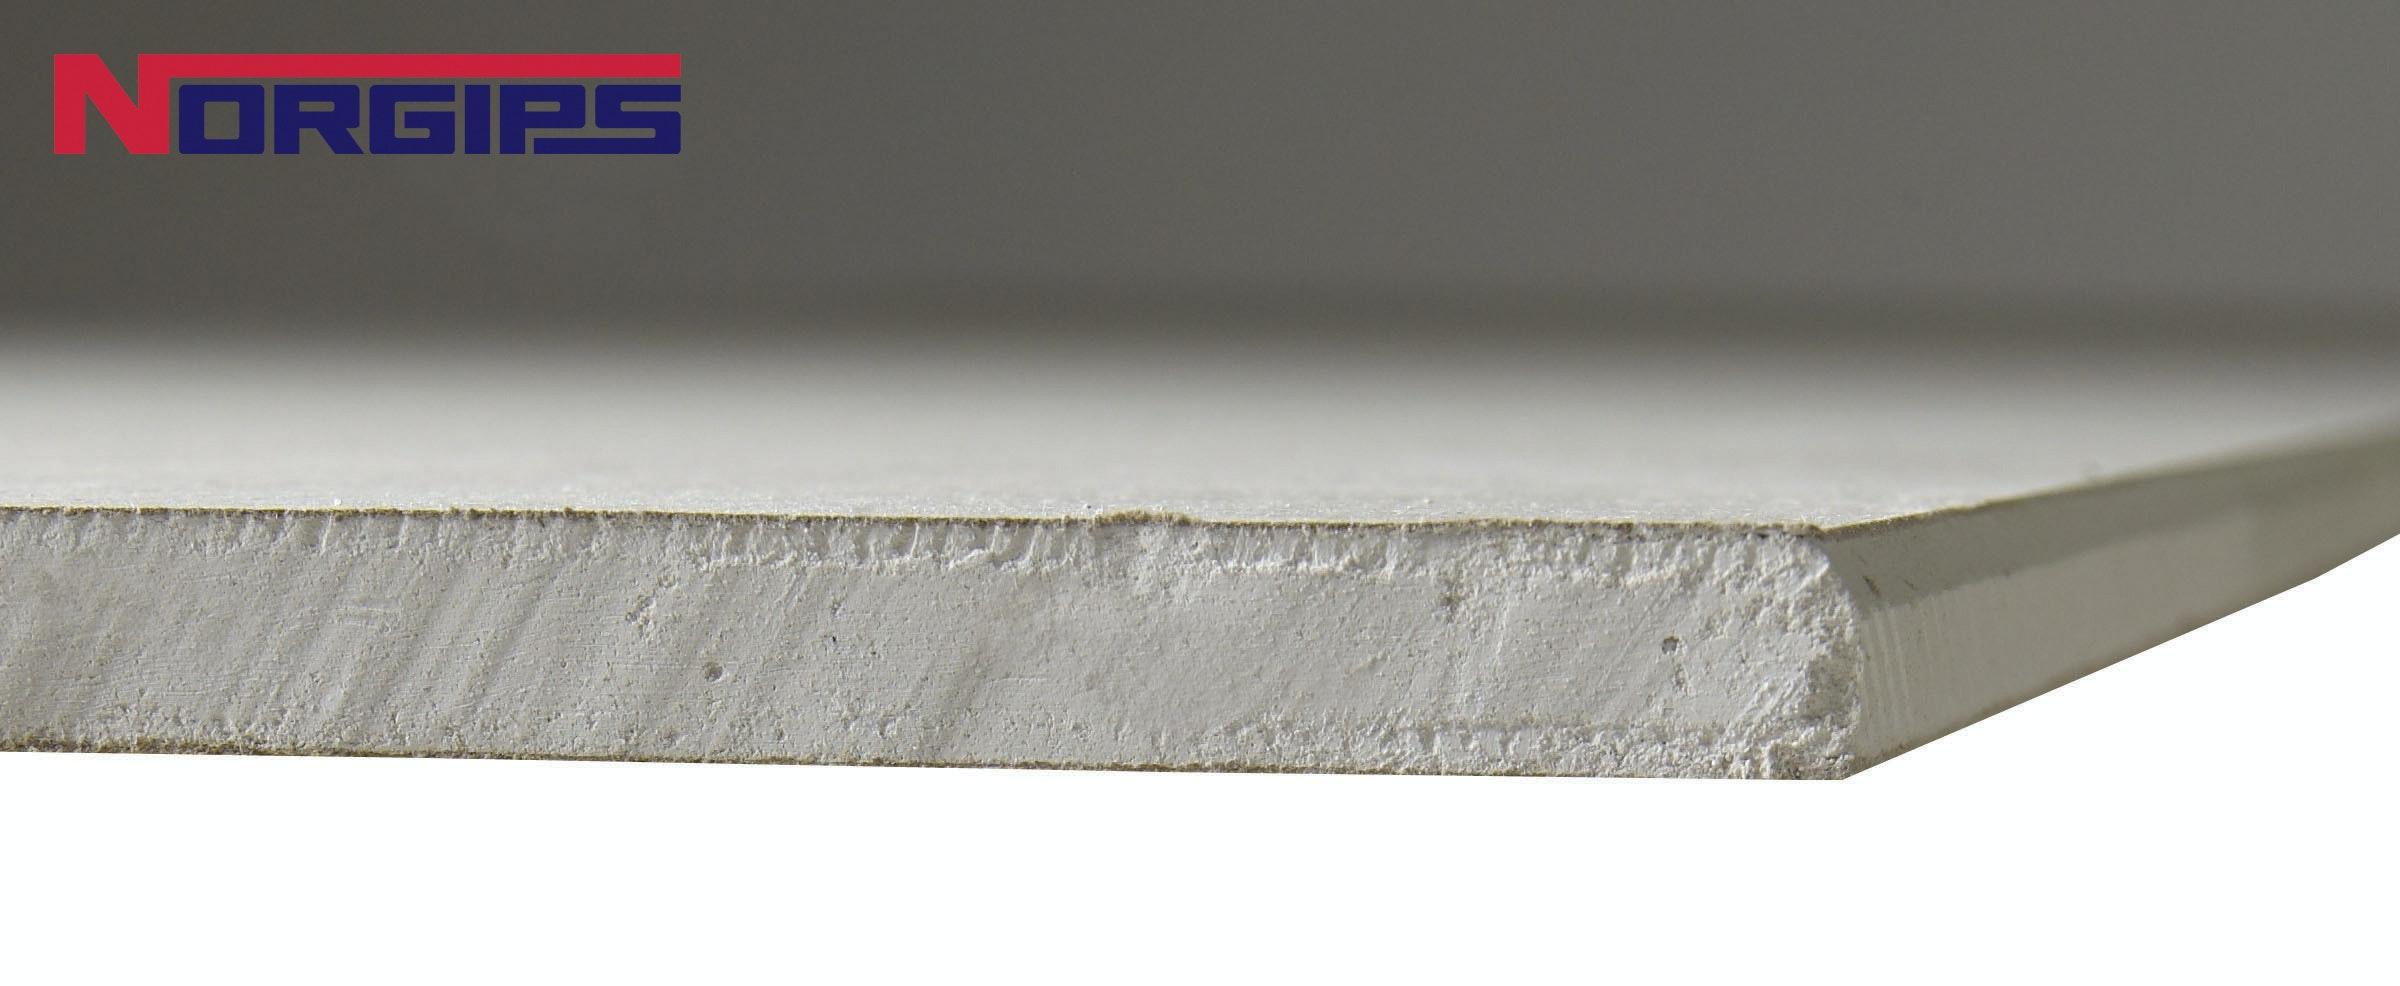 Gipsskiva Norgips Kortplank Fasad 13X600X1800mm